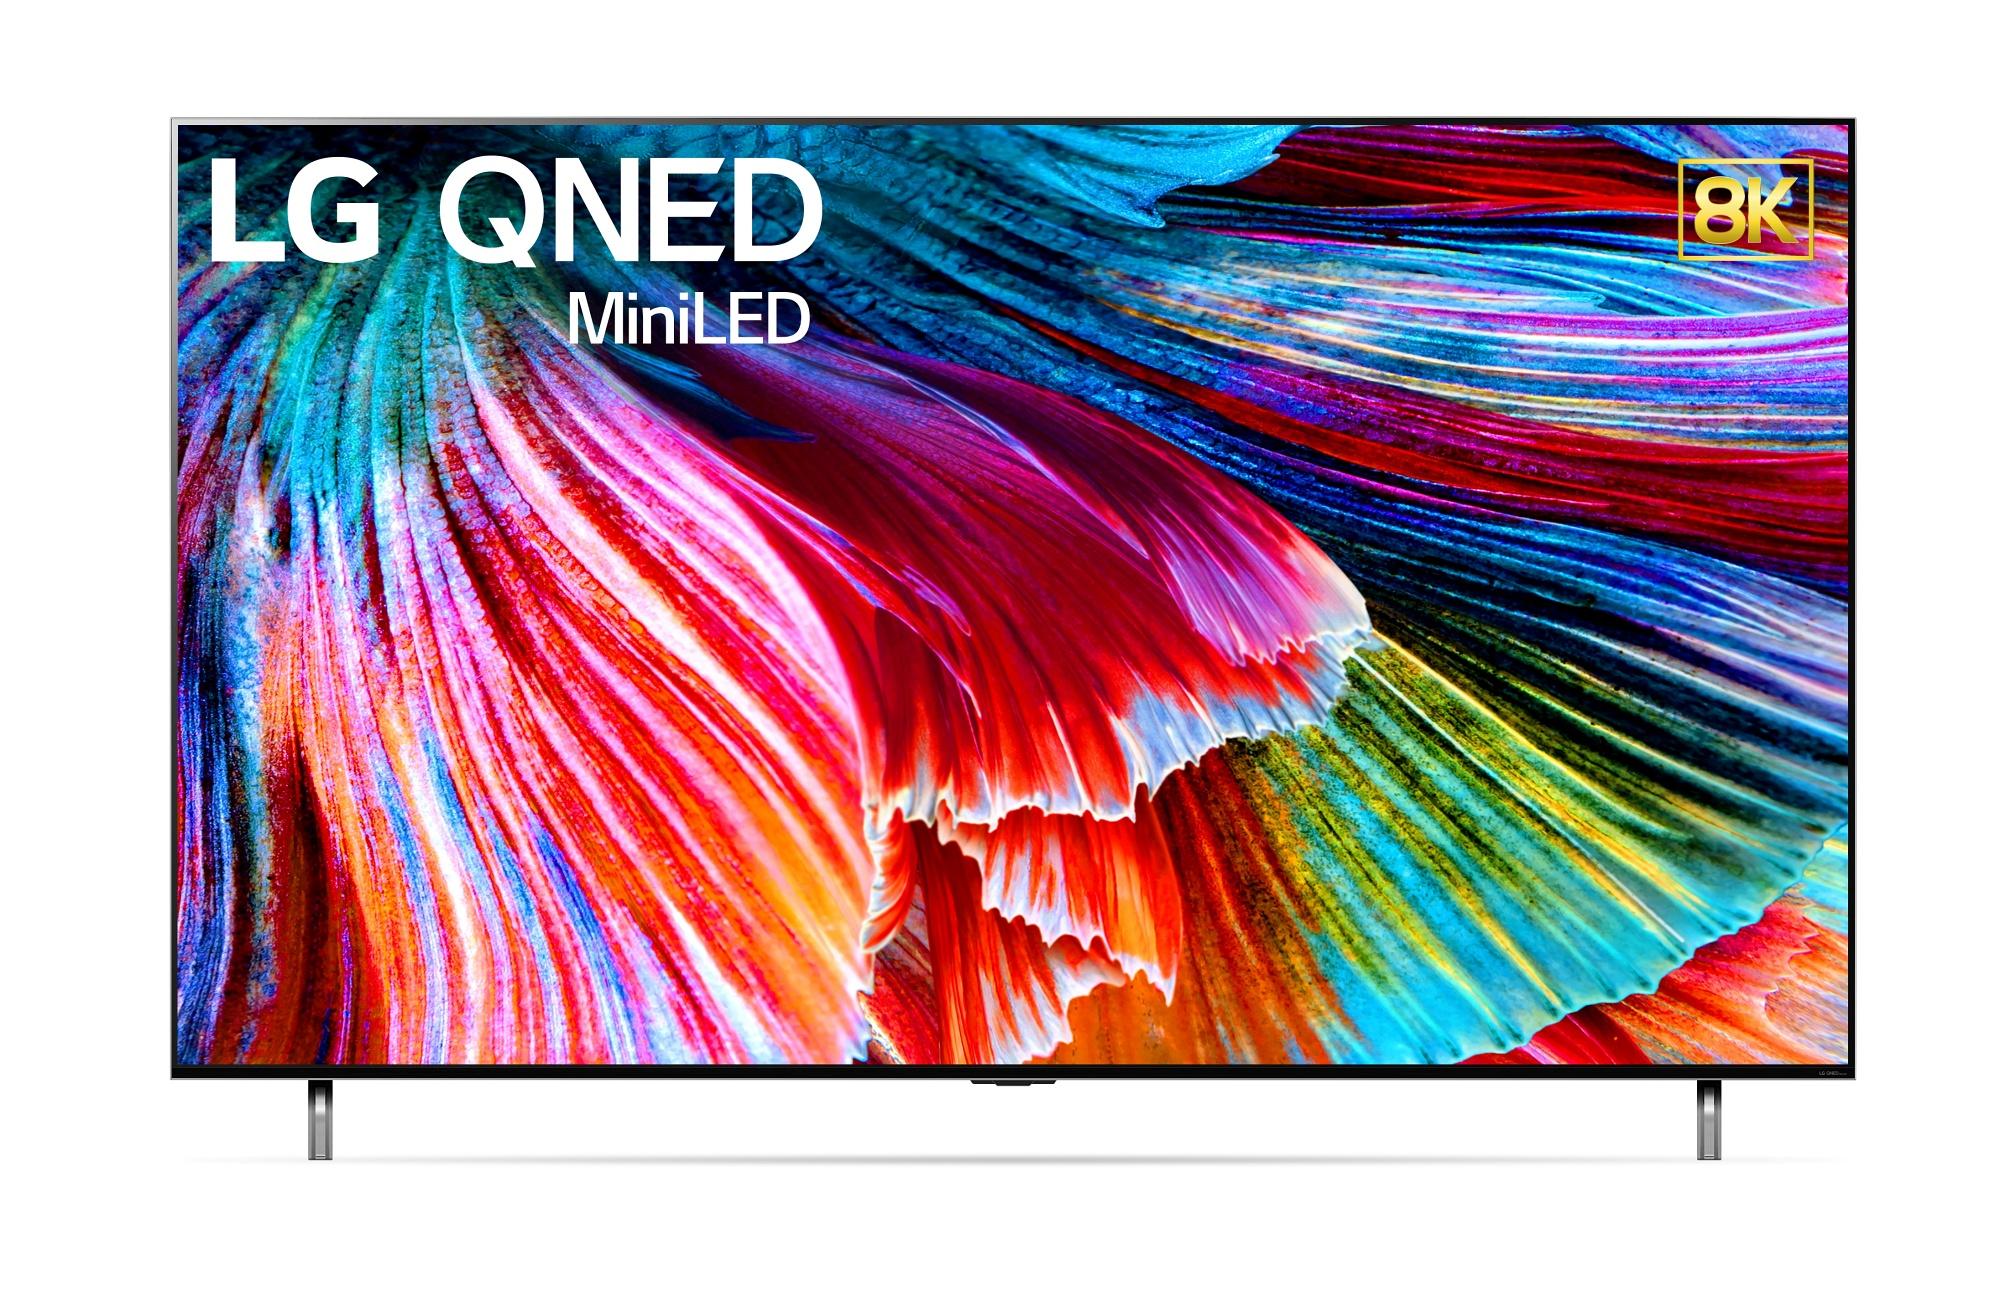 LG QNED MiniLED: El televisor más avanzado del mundo ¡Ya disponible en México!